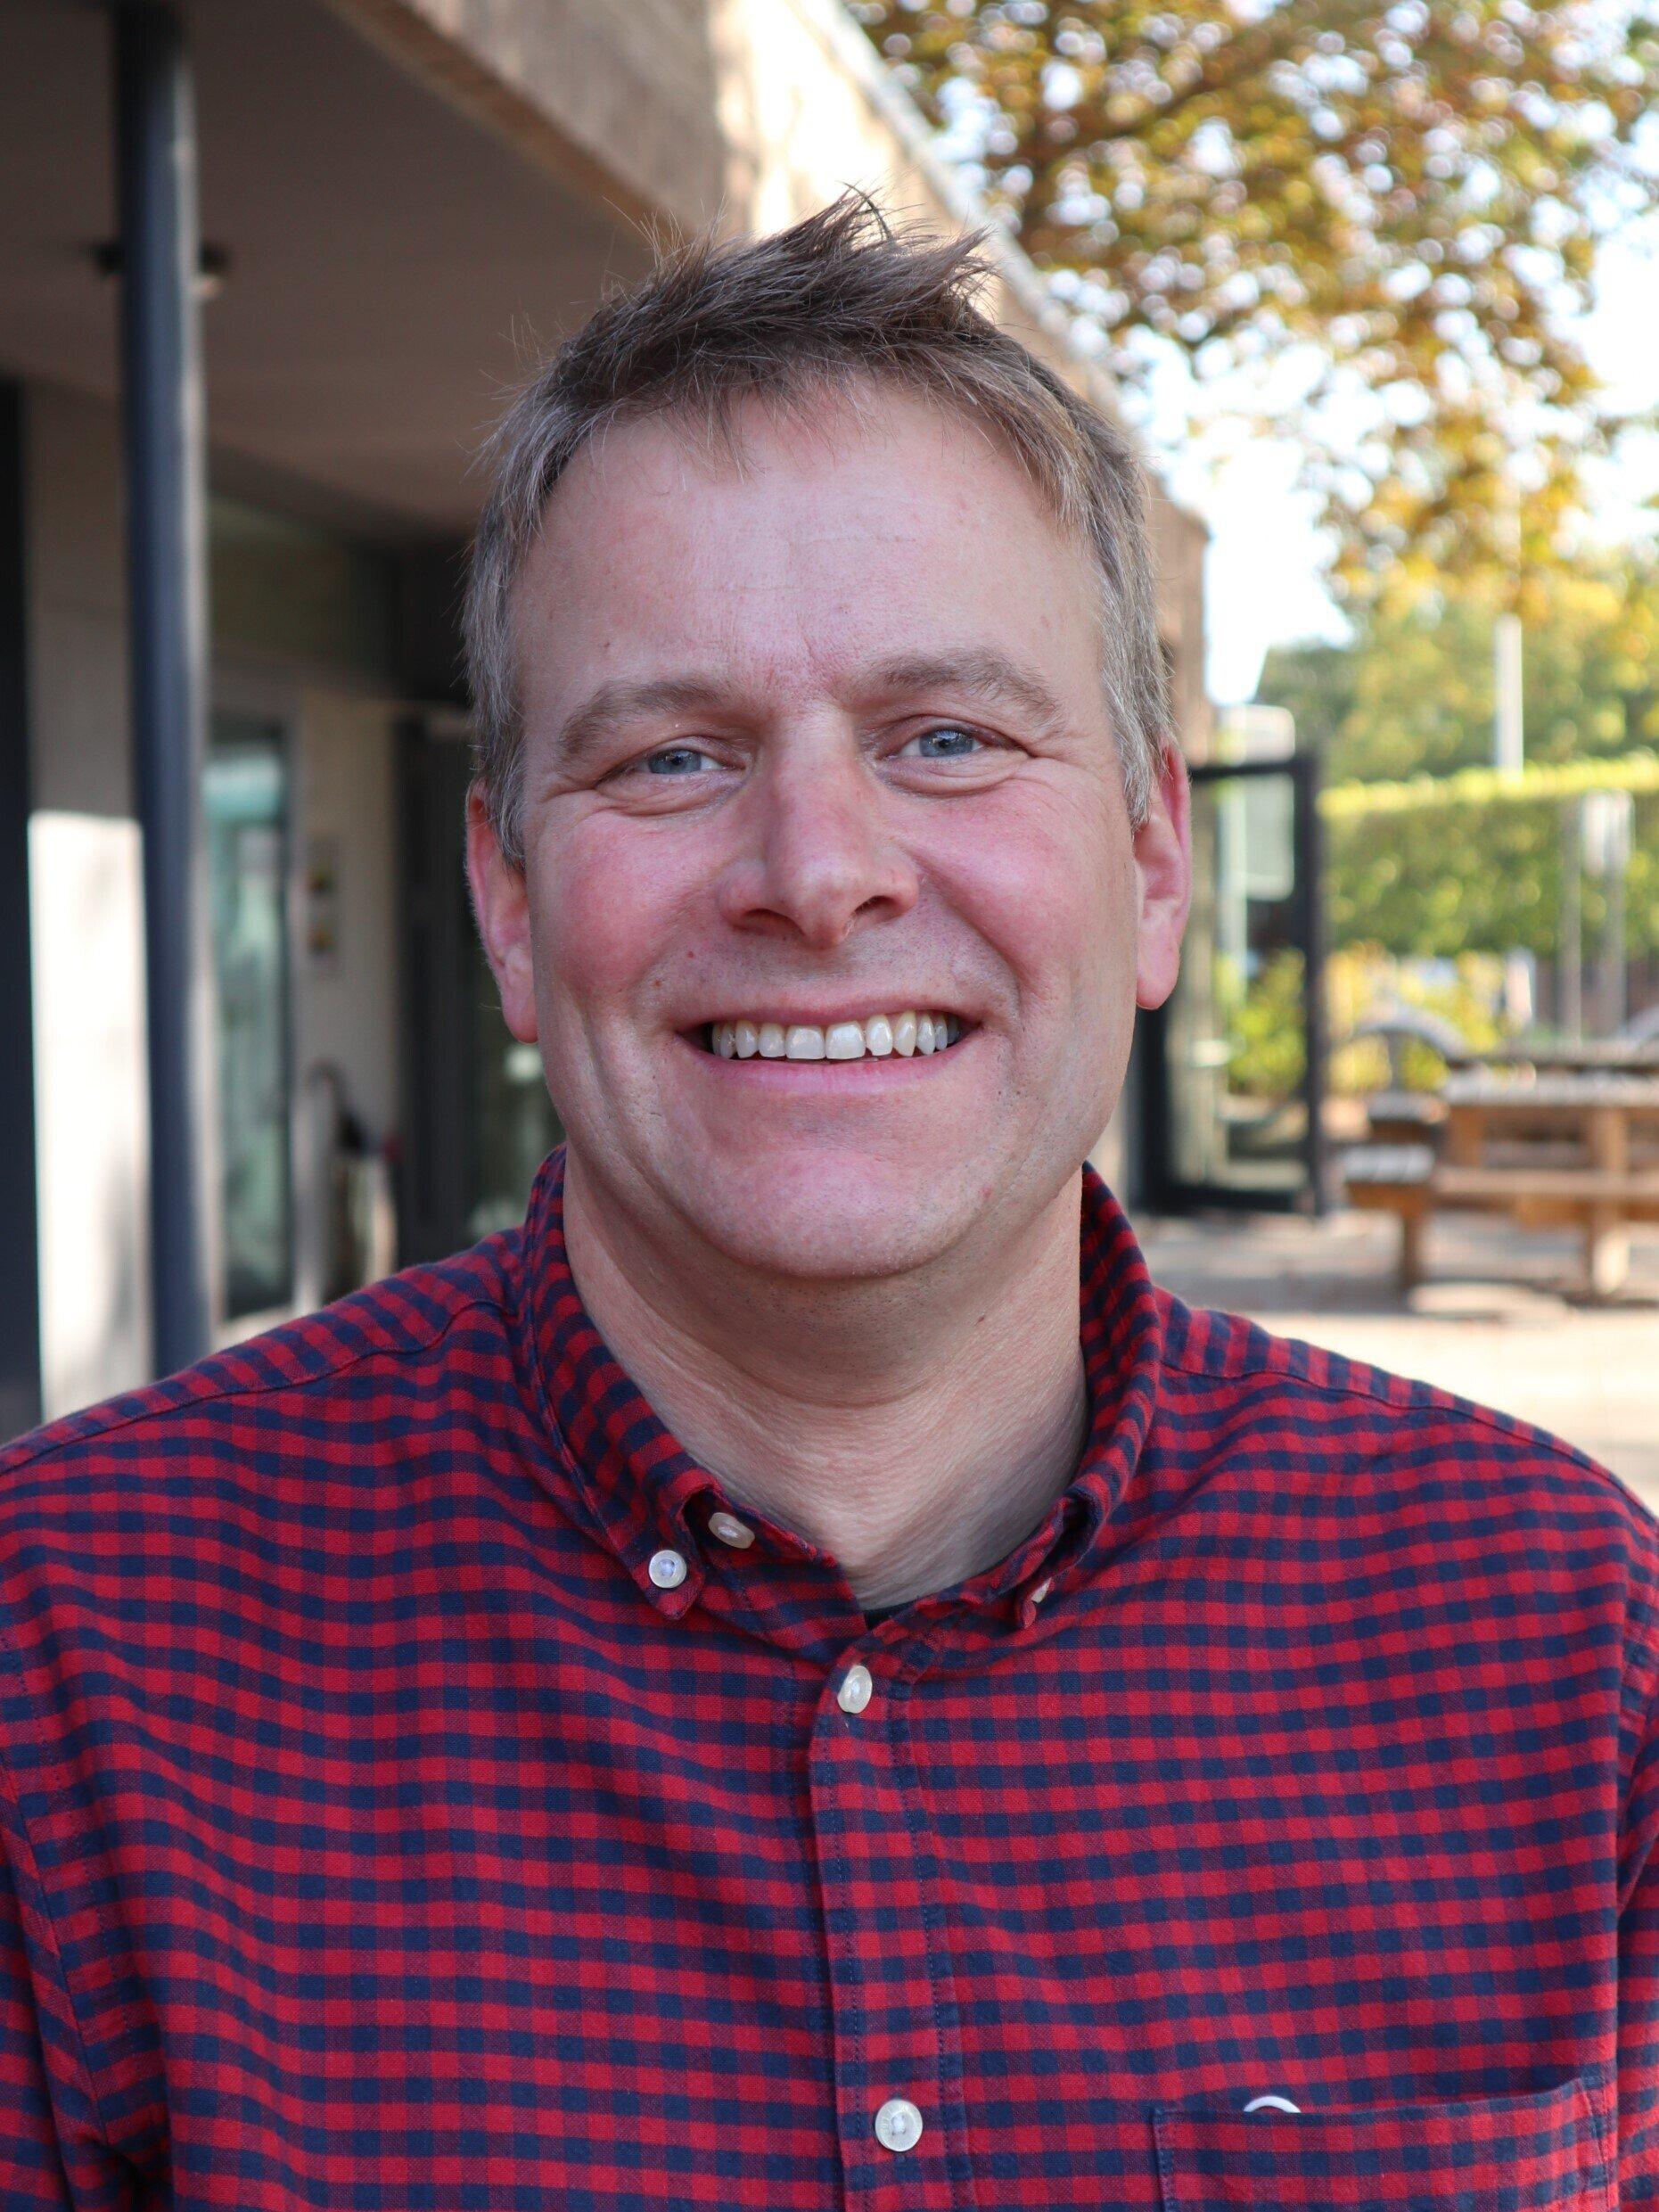 Dirk Sieben